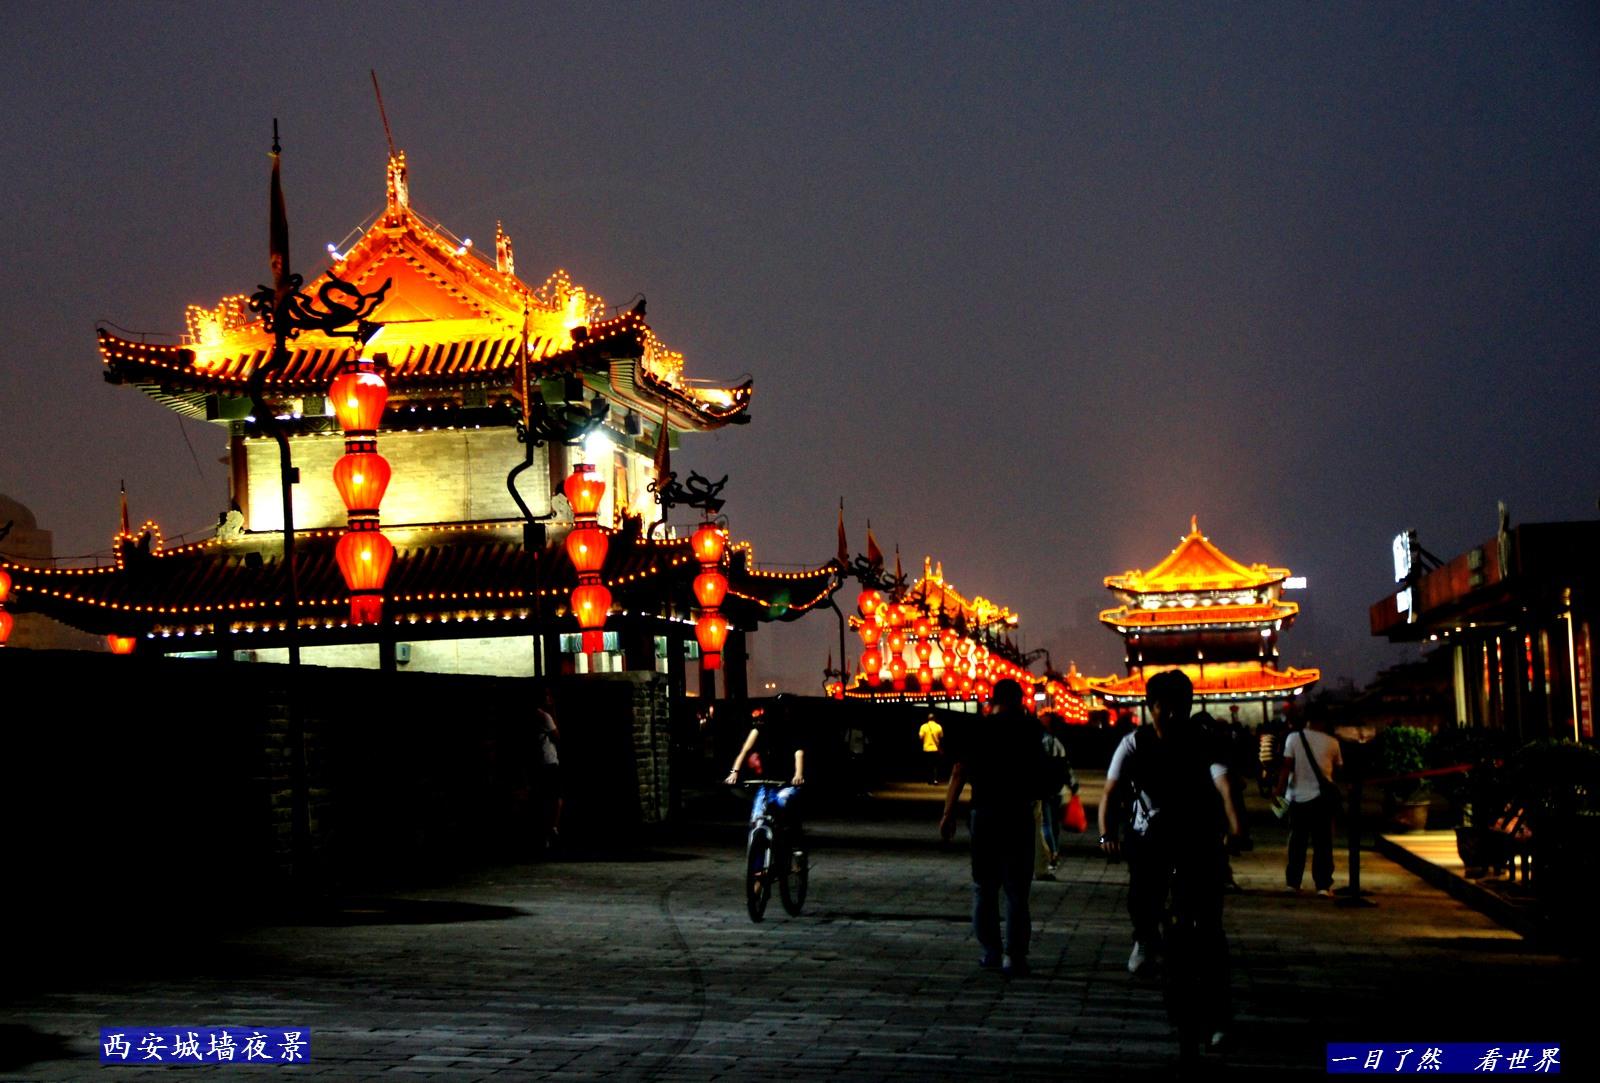 西安城墙夜景-011-1600.jpg